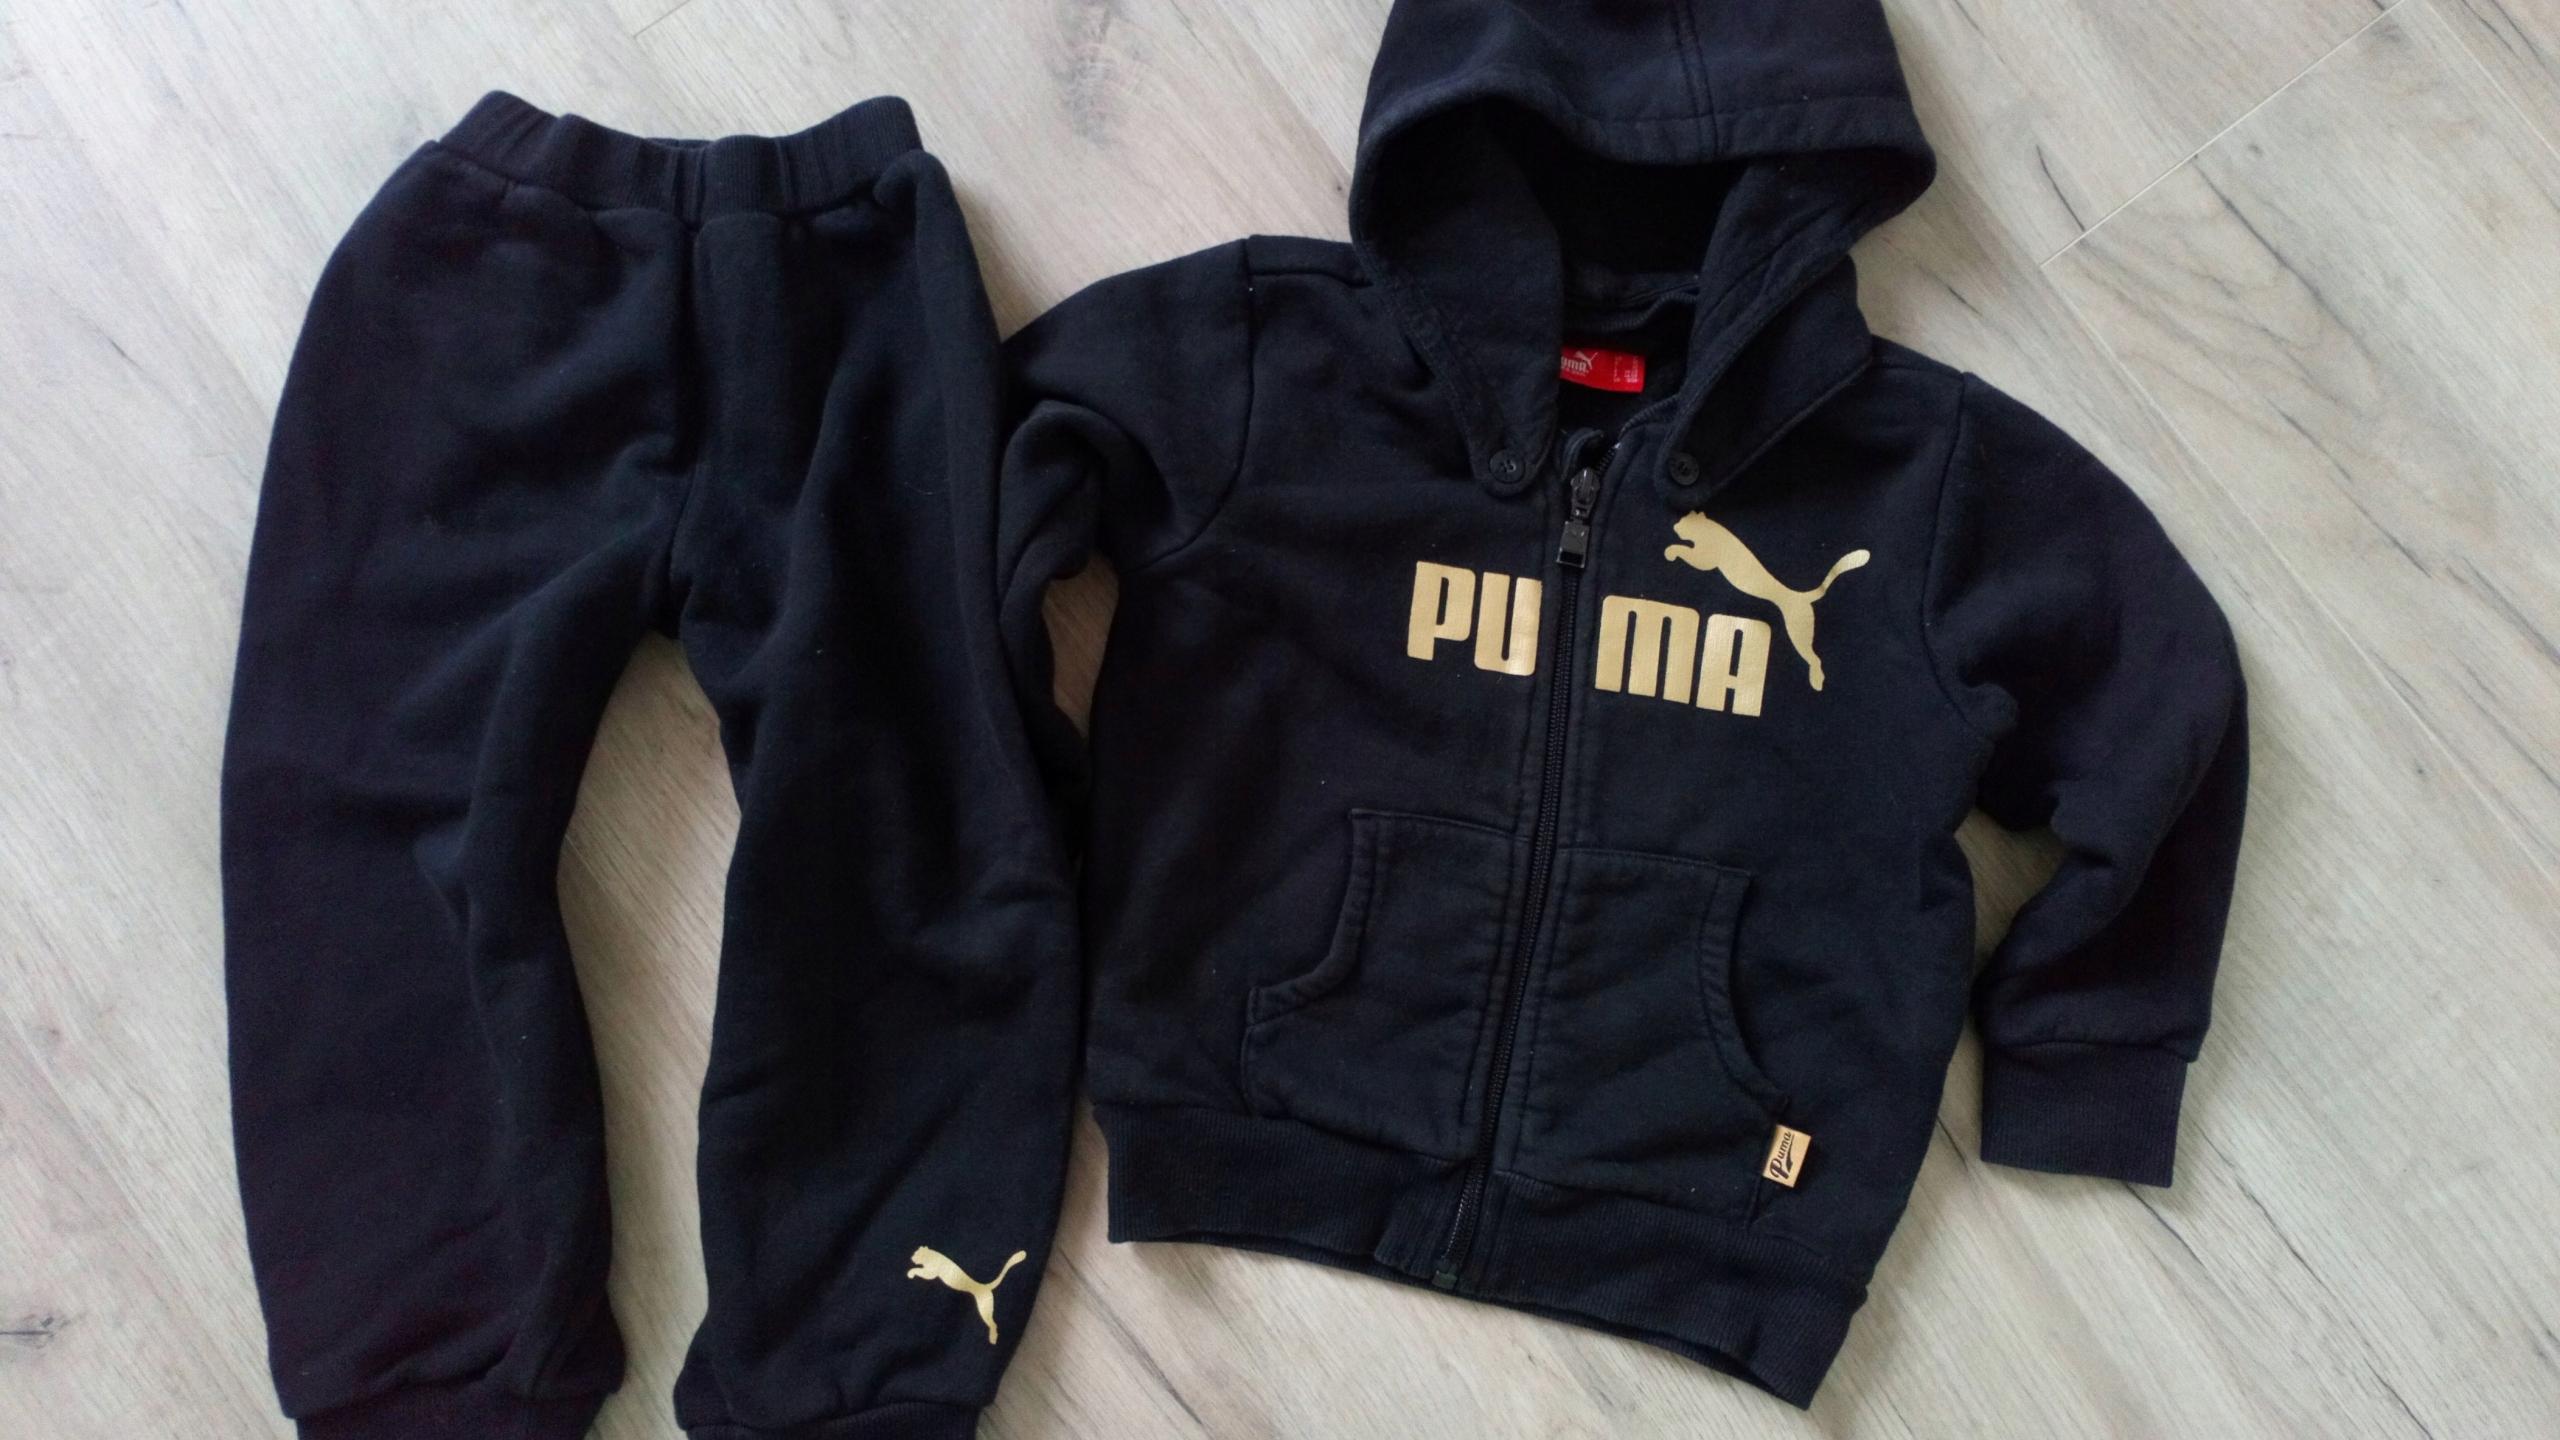 o rozsądnej cenie przemyślenia na temat najnowszy projekt Puma ekstra dres rozm 2 lata 92